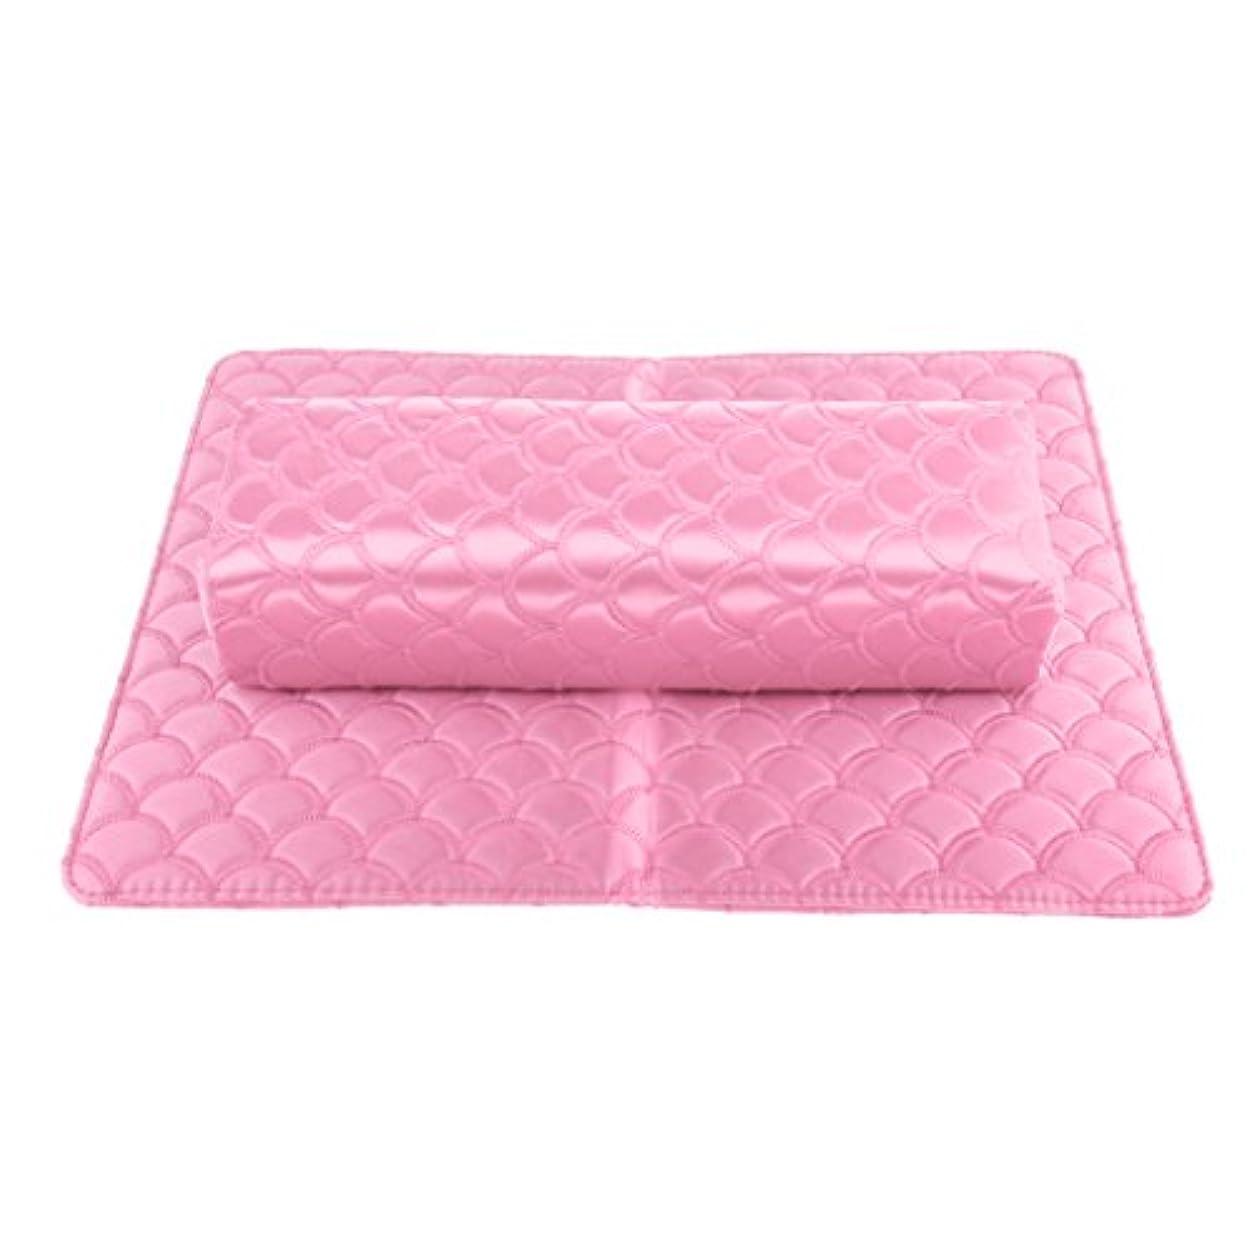 顕著ずらすスポーツマンネイルピローパッド ネイルアート ハンドピロー パッド ソフト ハンドクッション マニキュア アームレストホルダー 多色選べる - ピンク